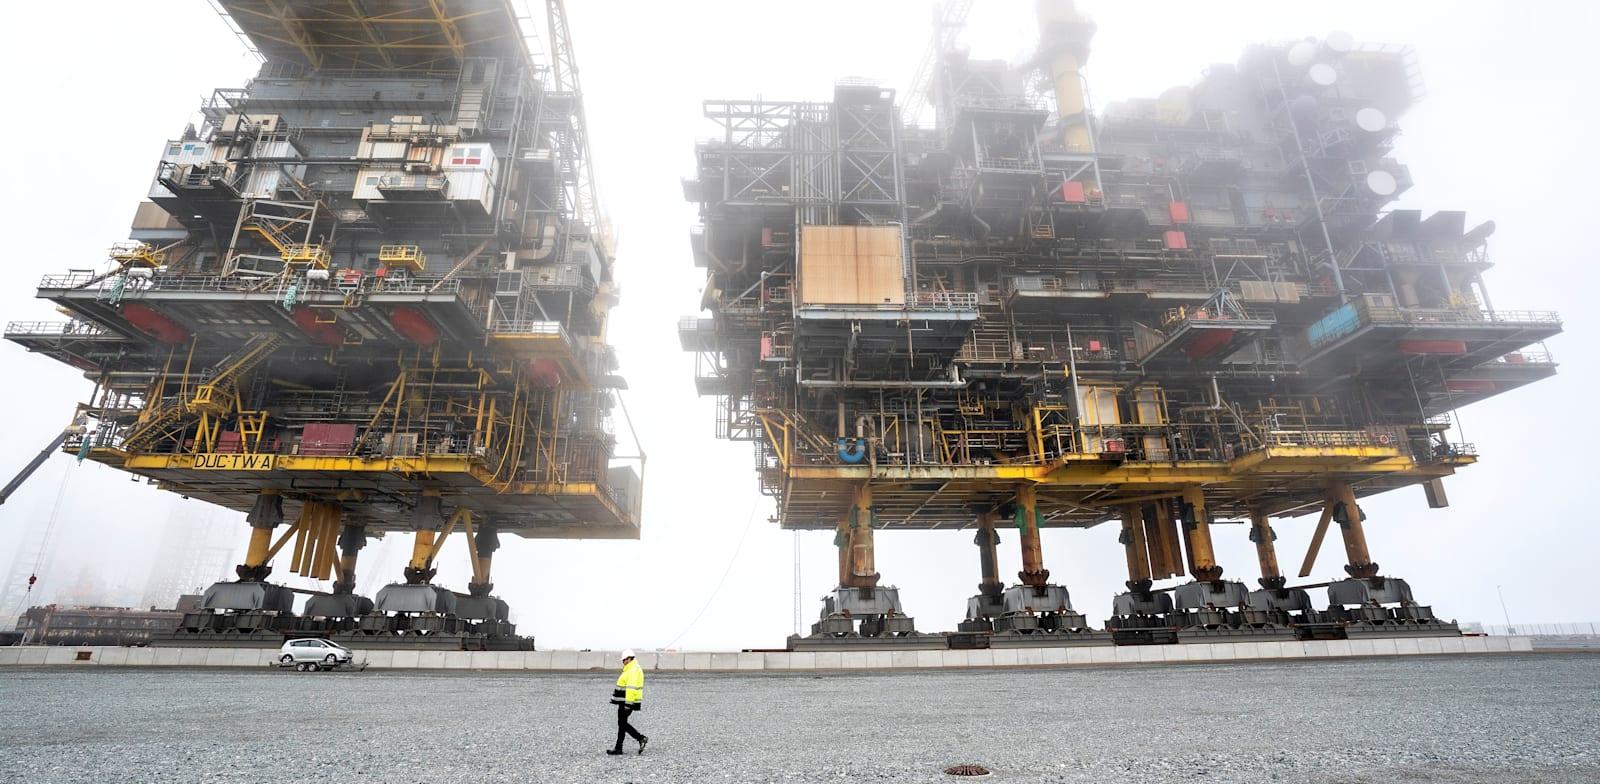 פירוק של אסדה לחיפוש גז למיחזור בדנמרק / צילום: Reuters, Henning Bagger/Ritzau Scanpix